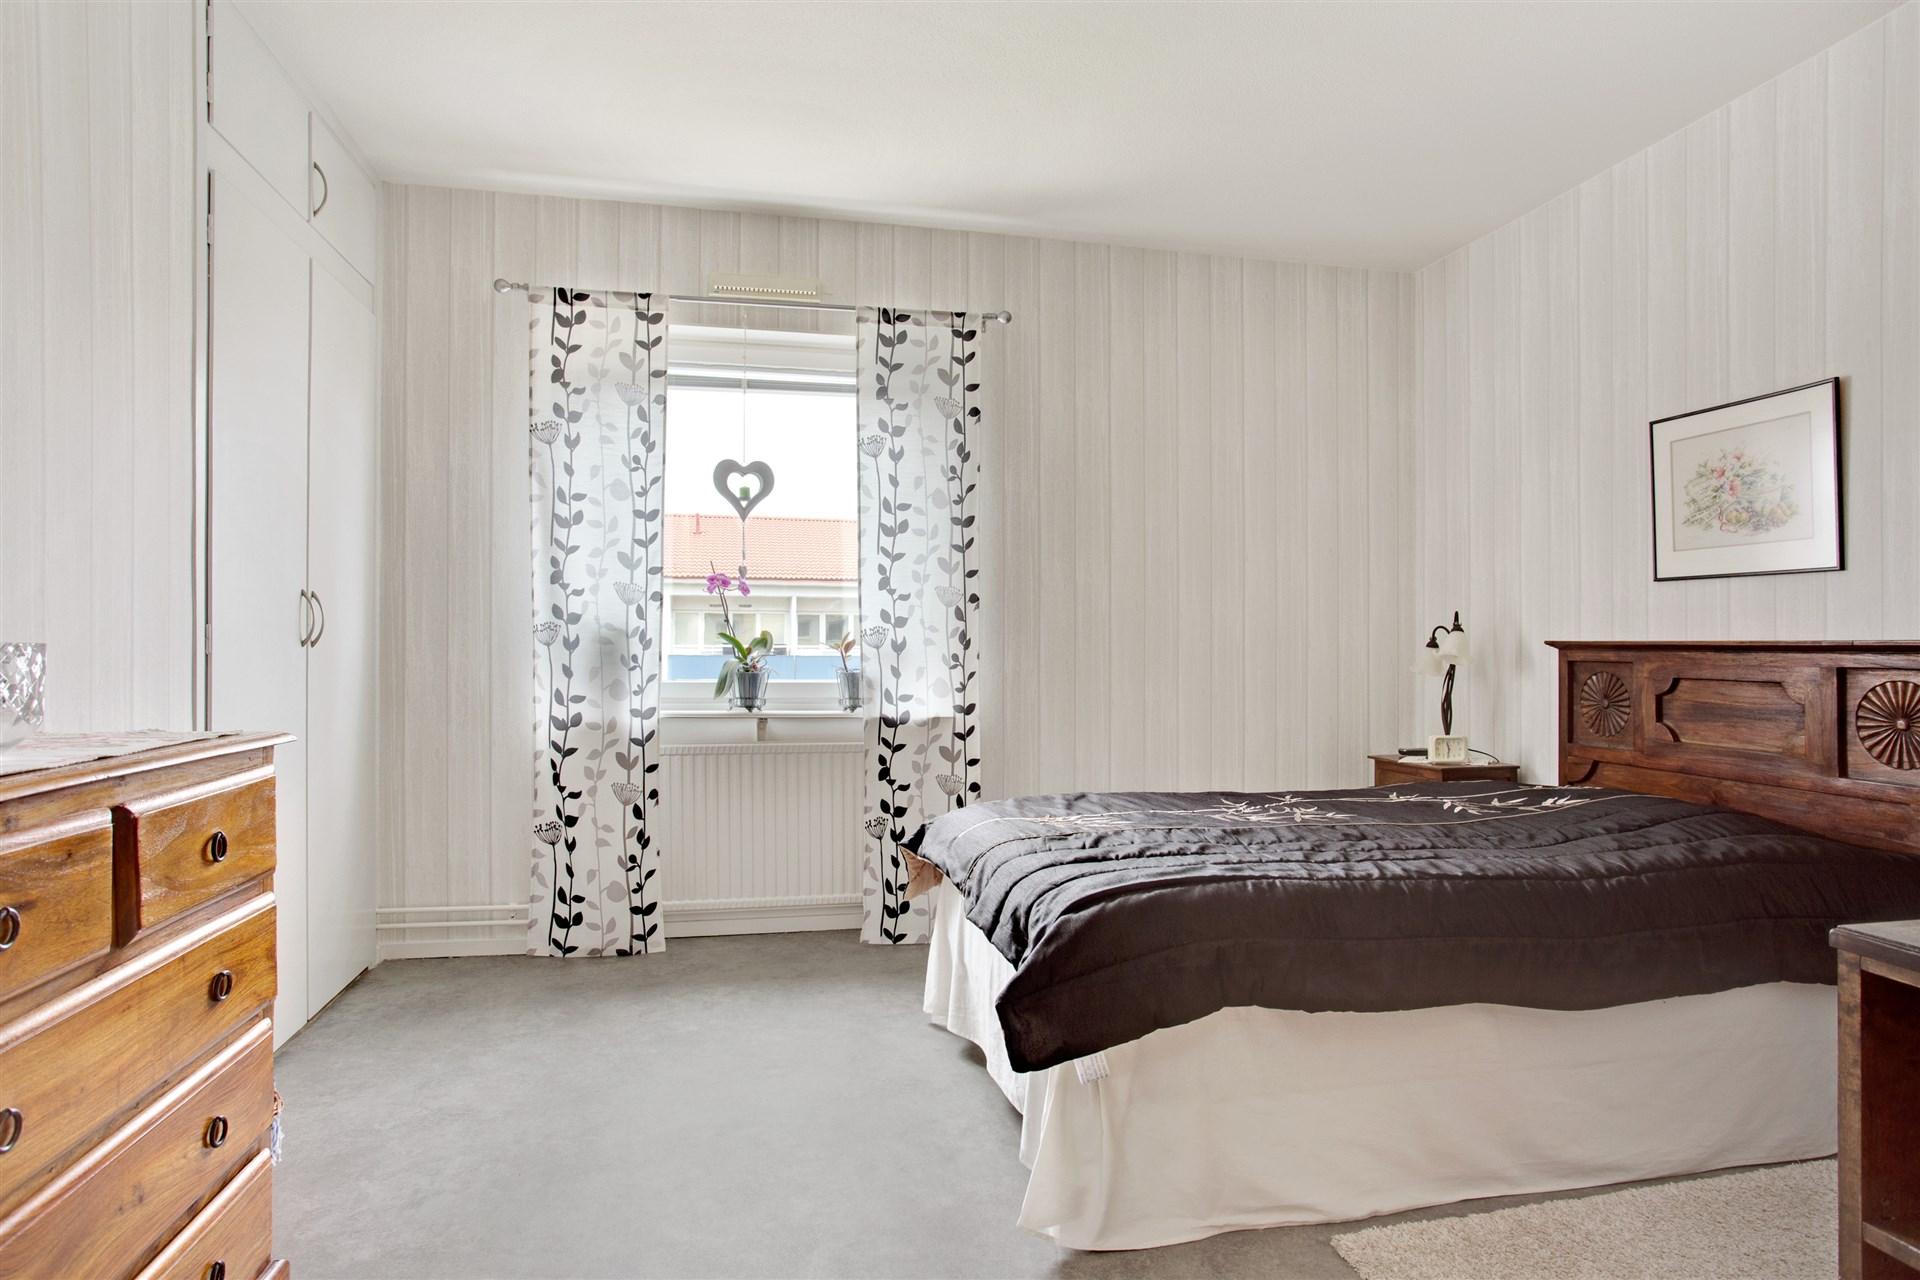 Sovrum 2 är det största sovrummet och här finns 1 garderob och ett linneskåp.